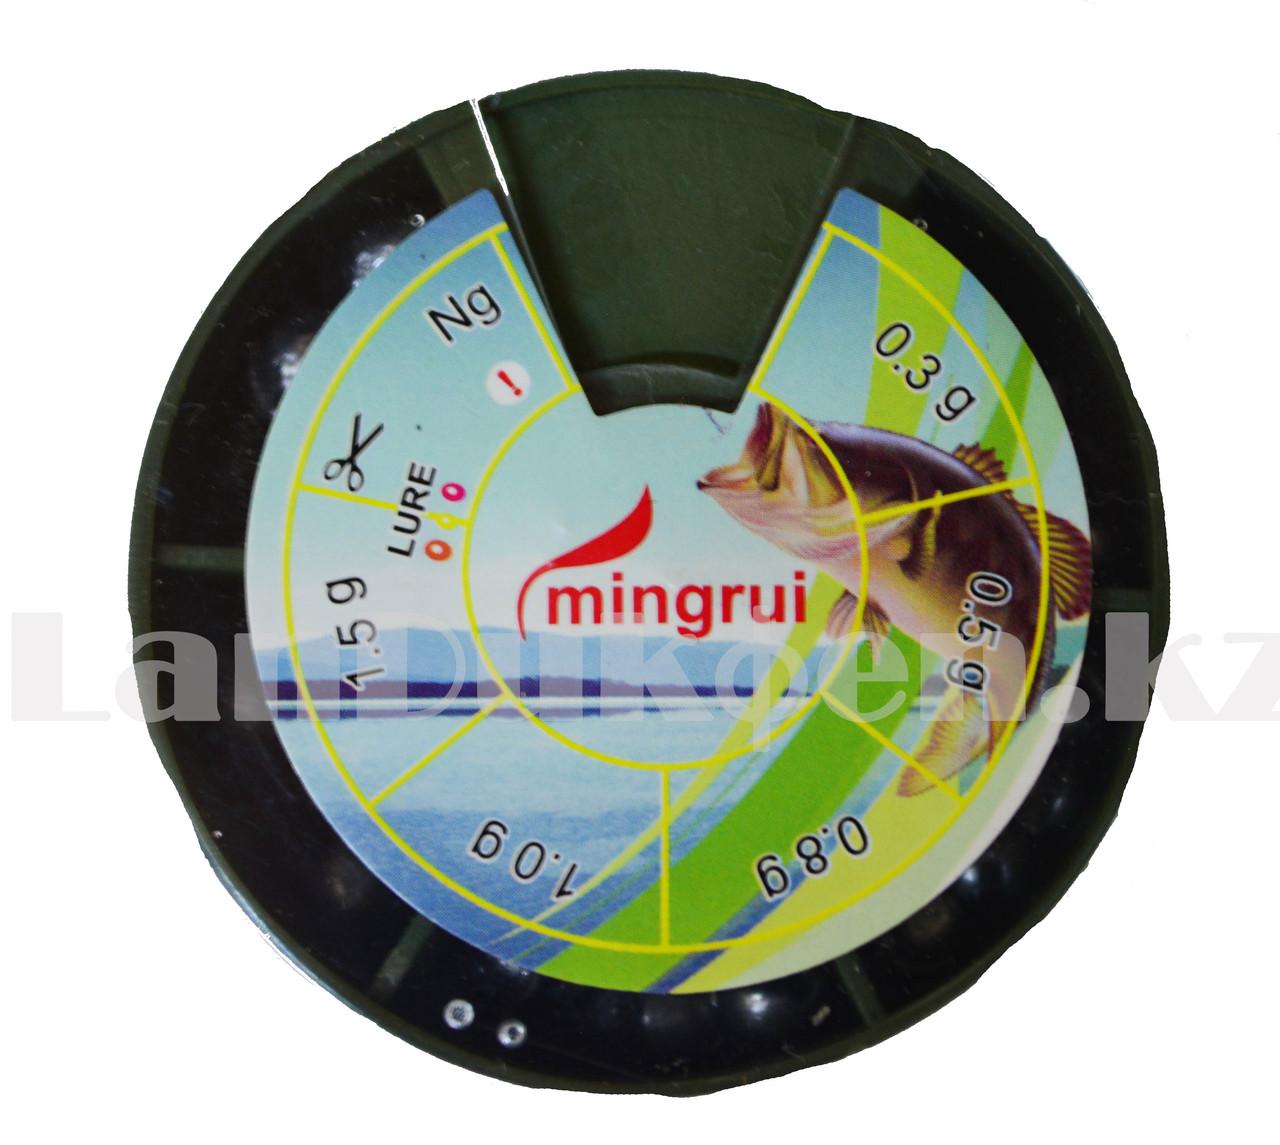 Набор грузил дробинок для рыбалки 0.3 - 1.5 г Mingrui - фото 1